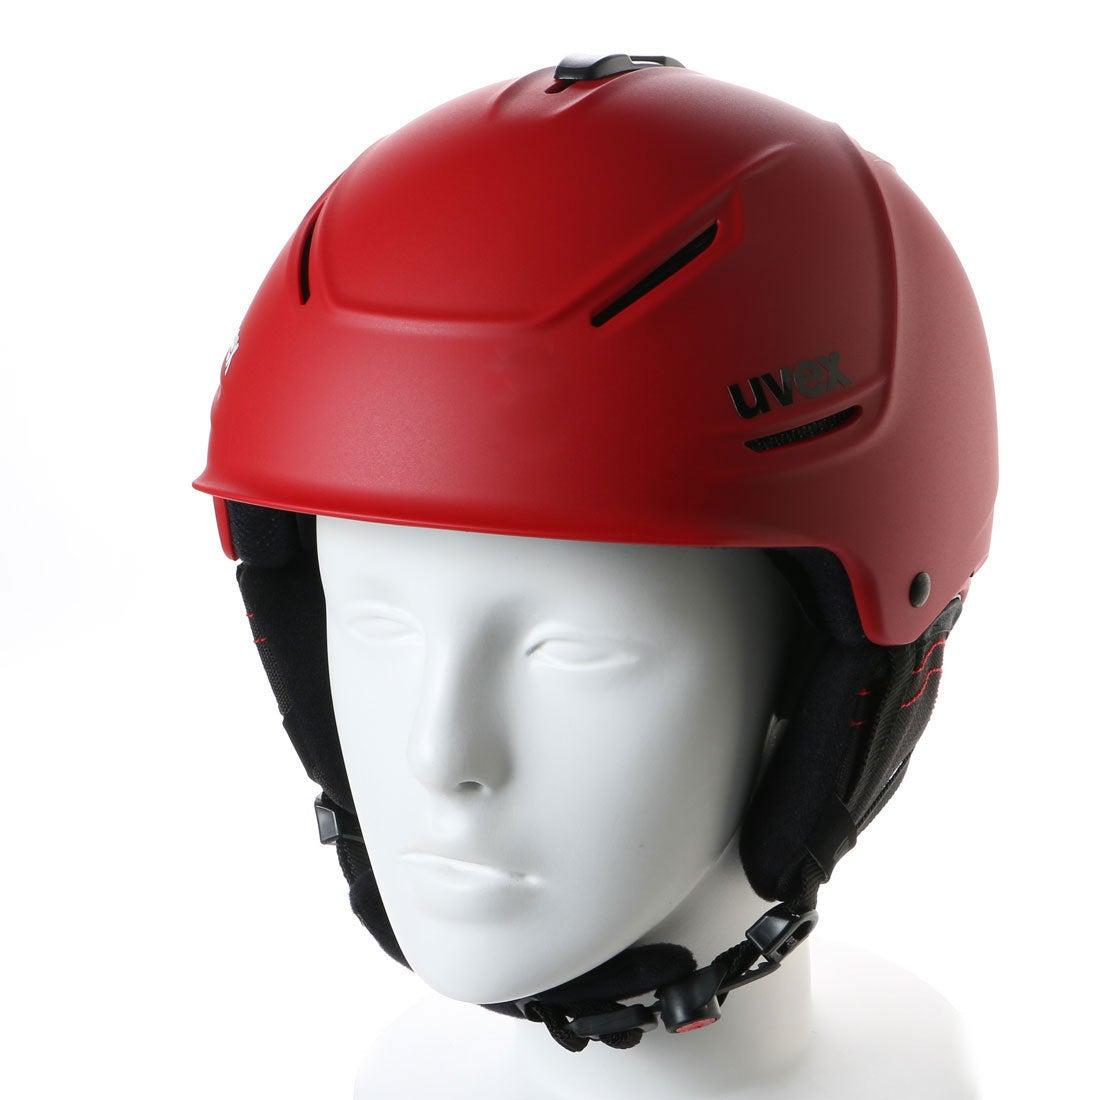 【SALE 10%OFF】ウベックス UVEX ユニセックス スキー/スノーボード ヘルメット P1USRD189 189